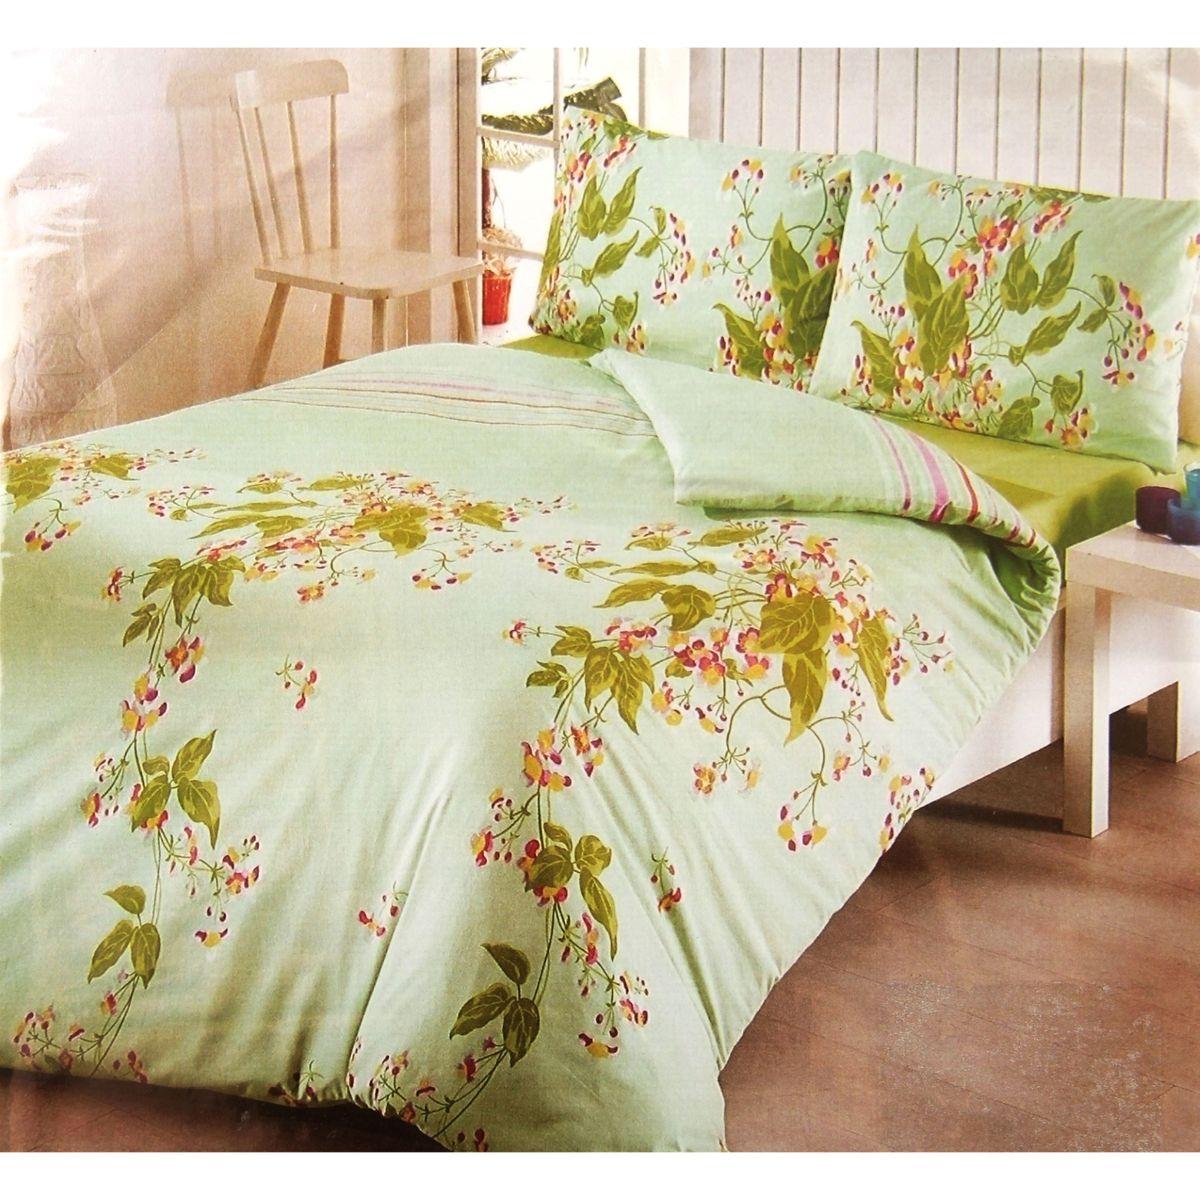 Комплект белья ANTALYA, 1,5-спальный, наволочки 70x70. 824696391602произведено из высококачественного турецкого хлопка, простынка на резинке, пододеяльник и наволочки на замке